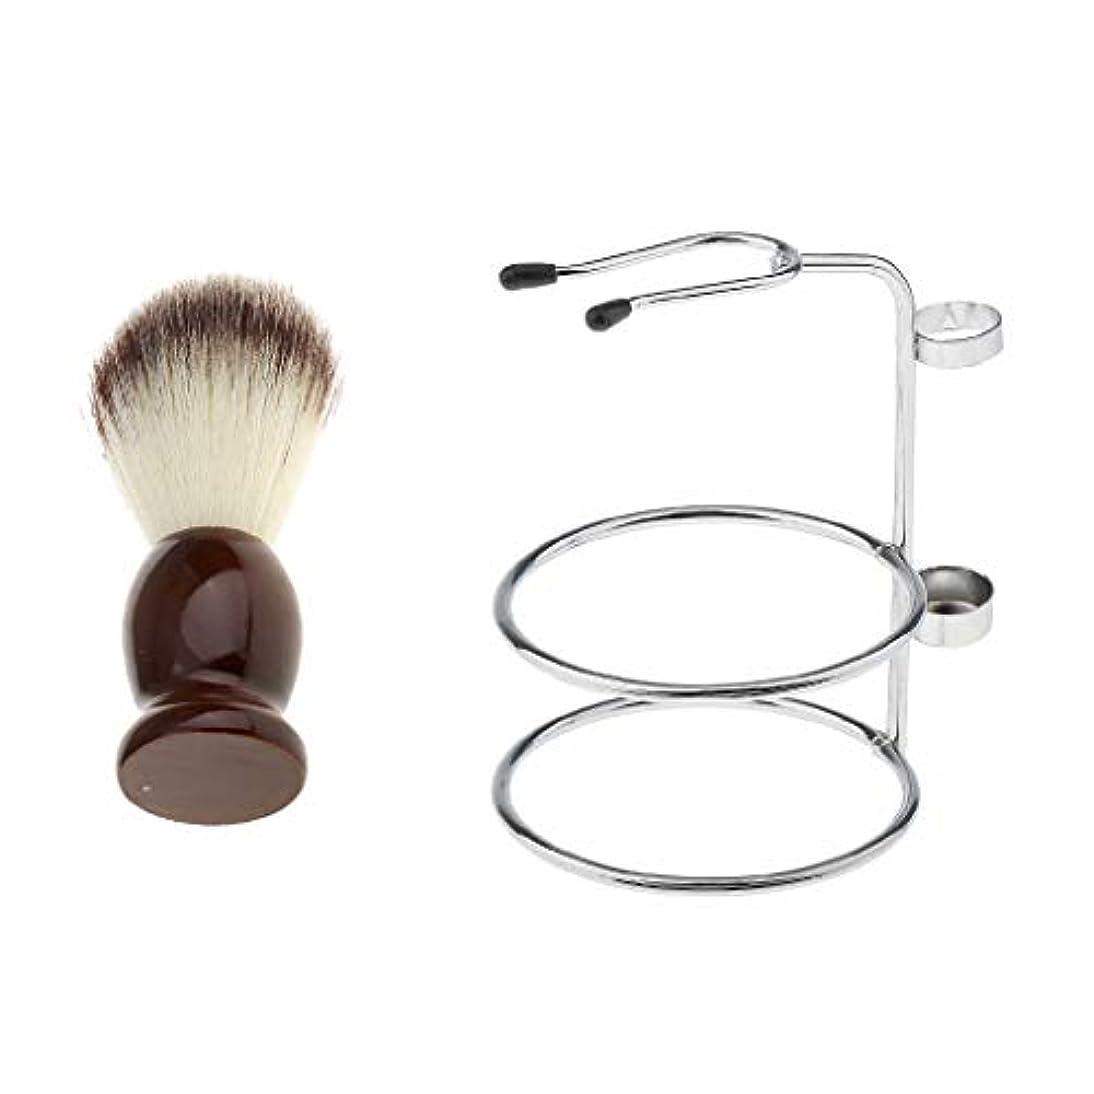 サミット構造生産的sharprepublic シェービングブラシセット ひげブラシ シェービングカミソリ スタンド 理容 洗顔 髭剃り 泡立ち